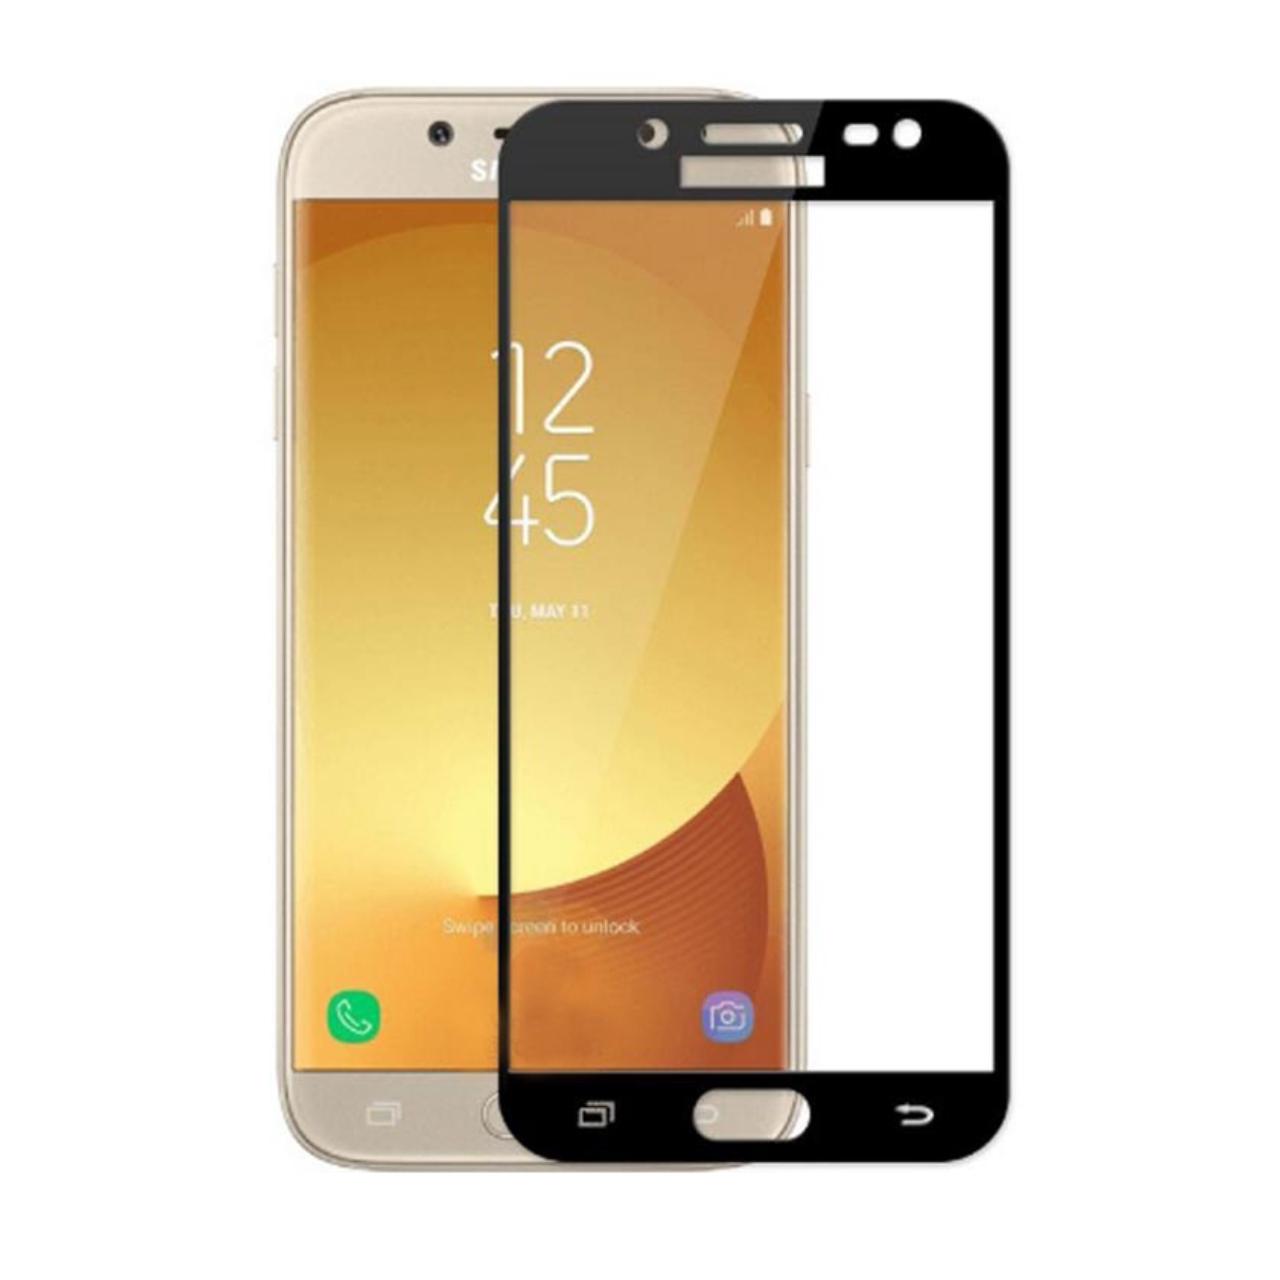 محافظ صفحه نمایش نیکسو مدل Full Glue مناسب برای گوشی موبایل سامسونگ گلکسی J7 Pro